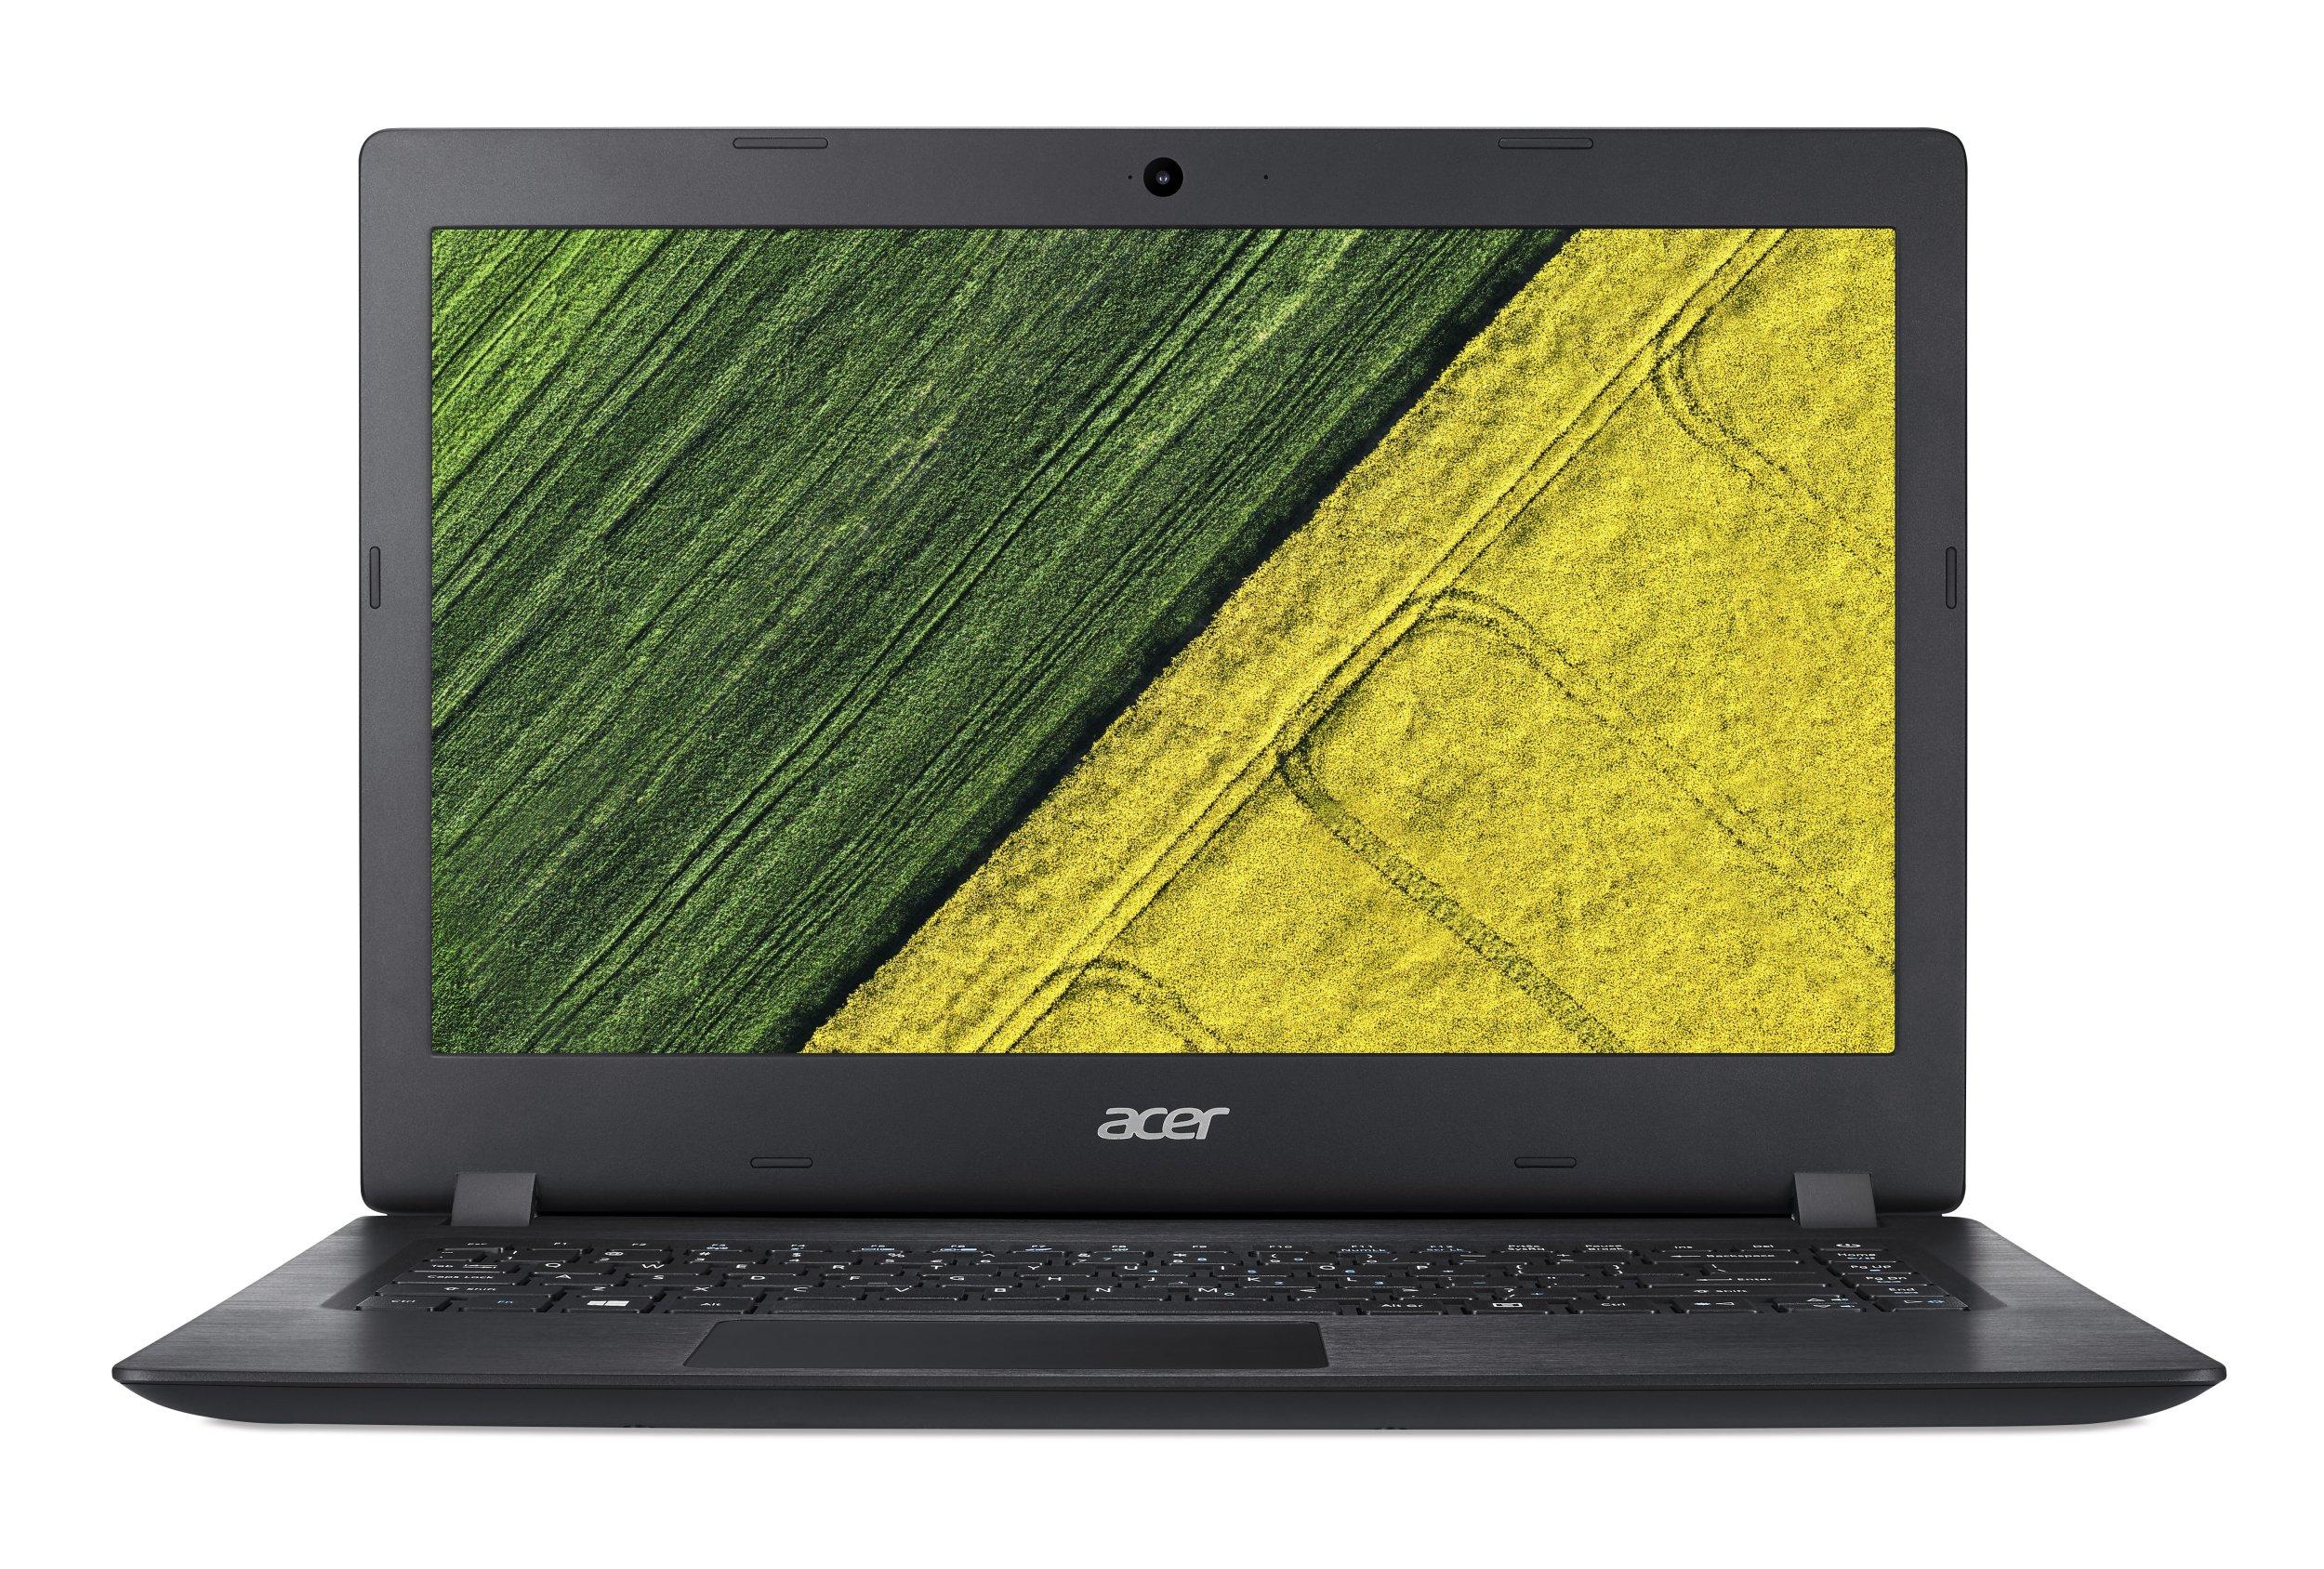 """Acer Aspire 1 (A114-31-C813) Celeron N3350/4GB+N/A/64GB+N/A/HD Graphics/14"""" HD/BT/W10 Home+Office 365/Black"""